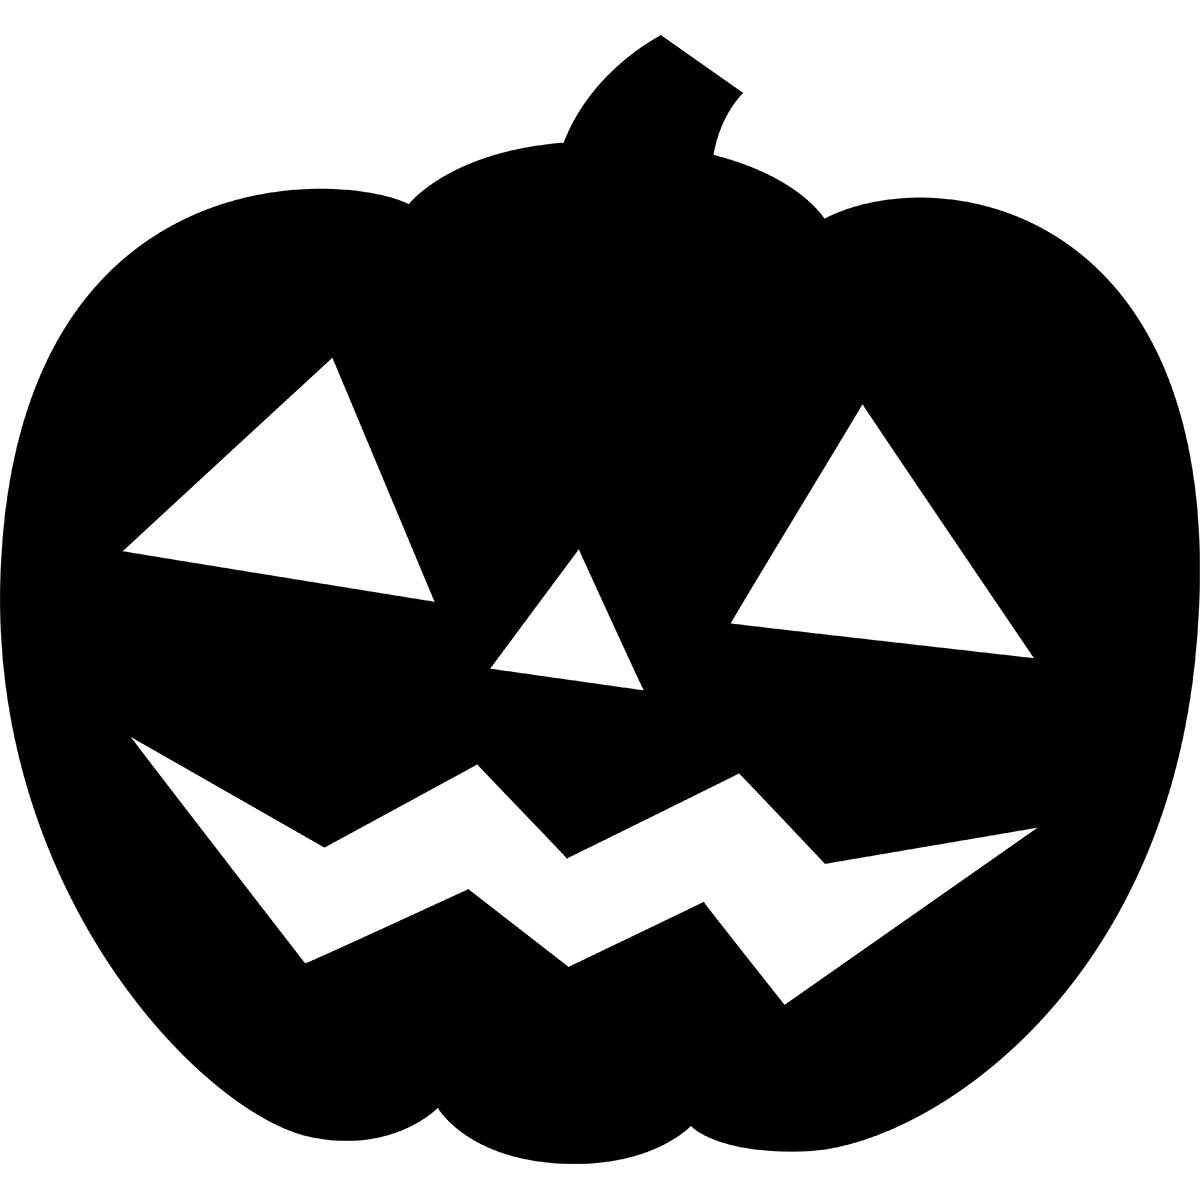 ハロウィンかぼちゃ(シルエット)の無料イラスト